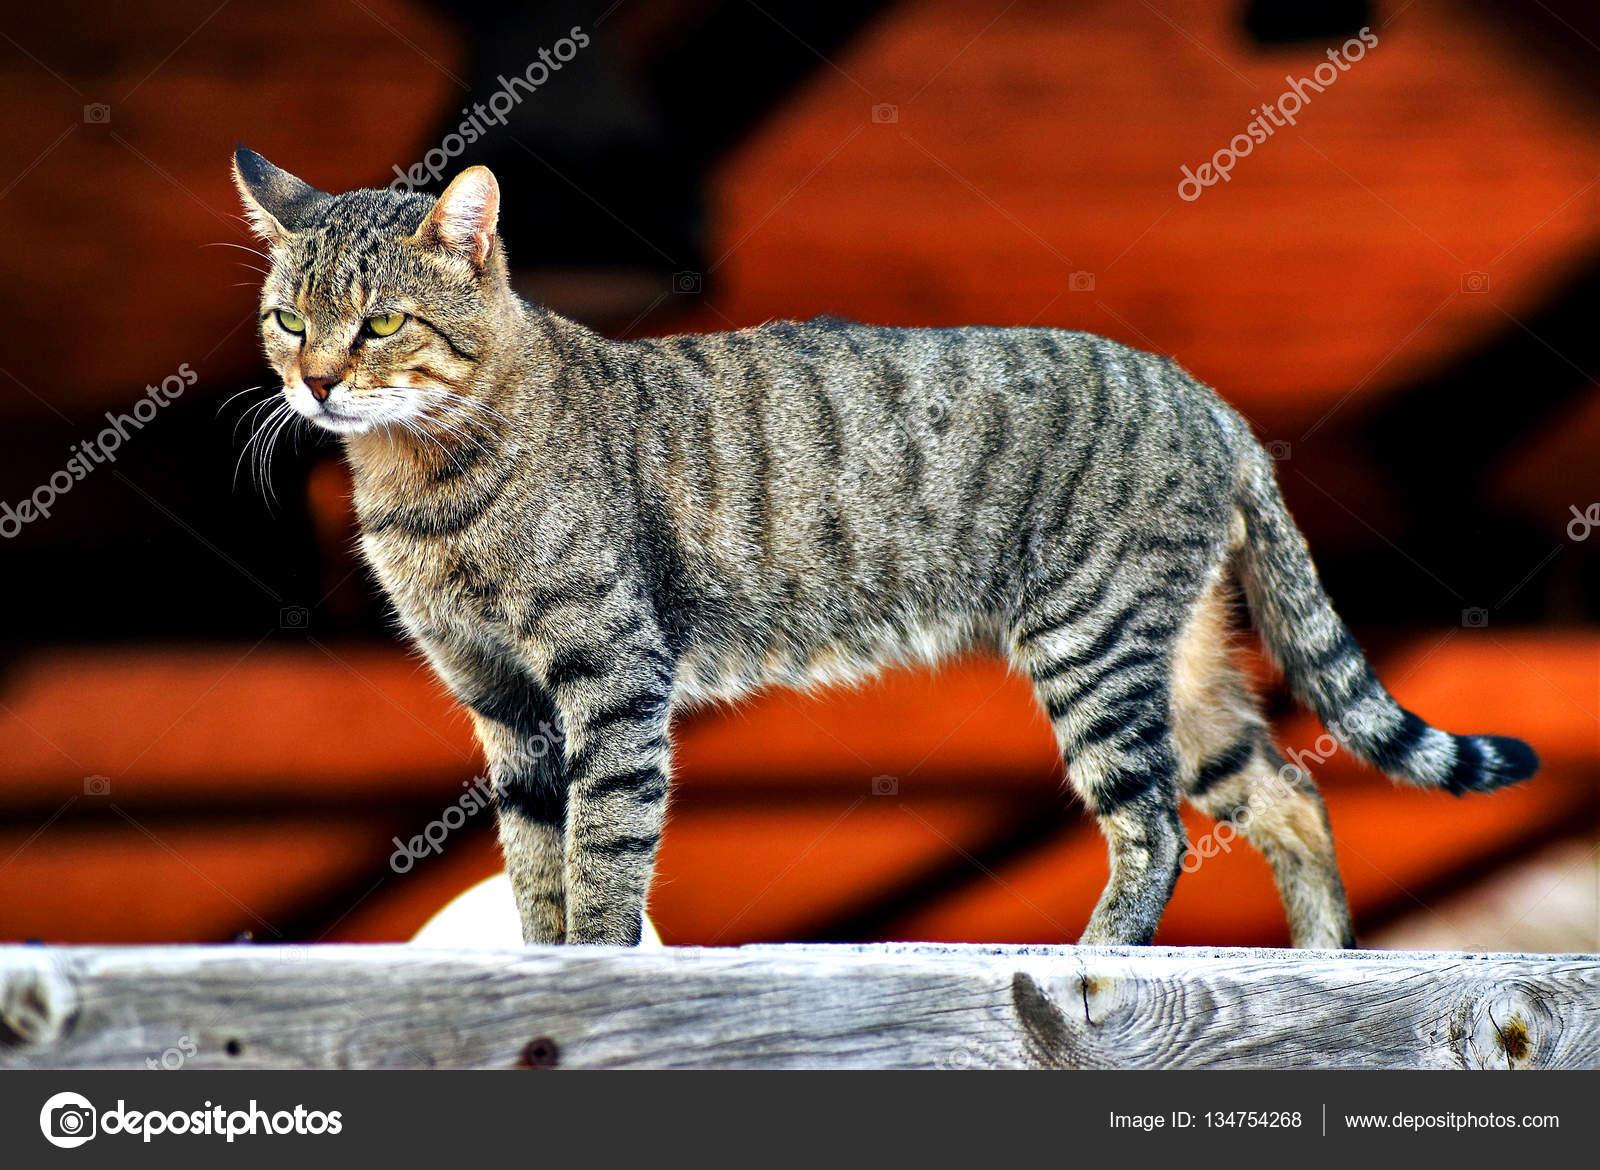 583a6a032b5c Το κυνήγι της γάτας — Φωτογραφία Αρχείου © ncwrs  134754268